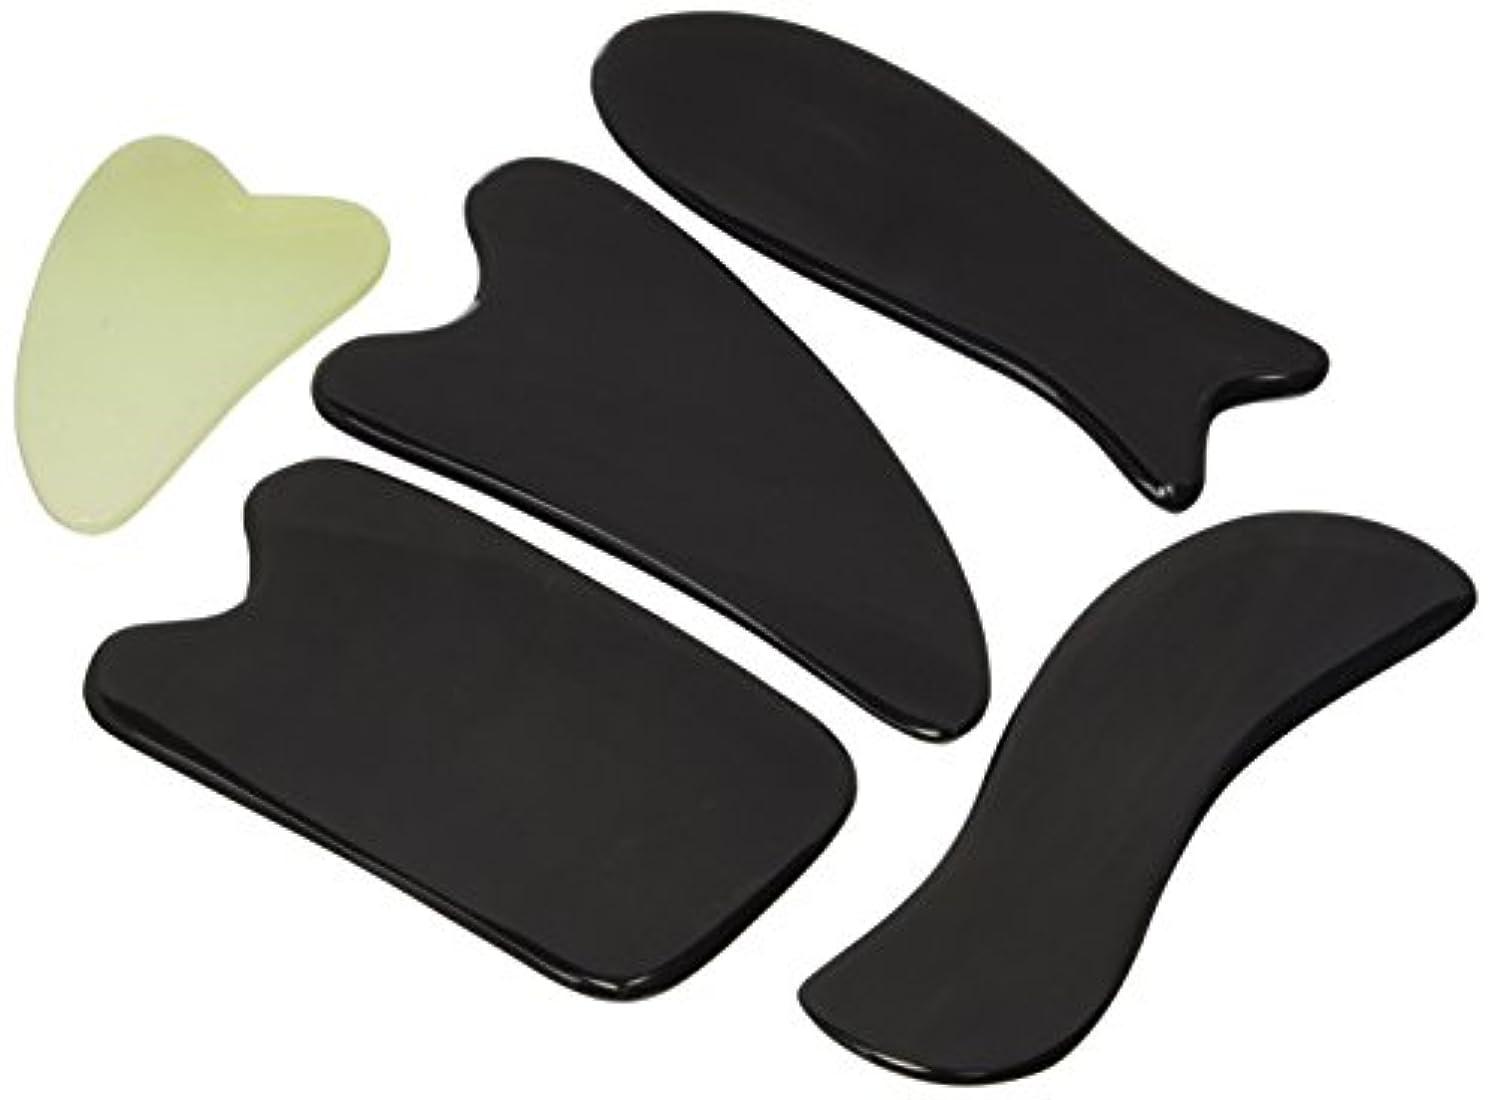 アピール欺伝導Gua Sha Massage Tools By One Planet With Small Massage Gift - Ultra Smooth Edge for Scraping, 100% Handmade, Hand...